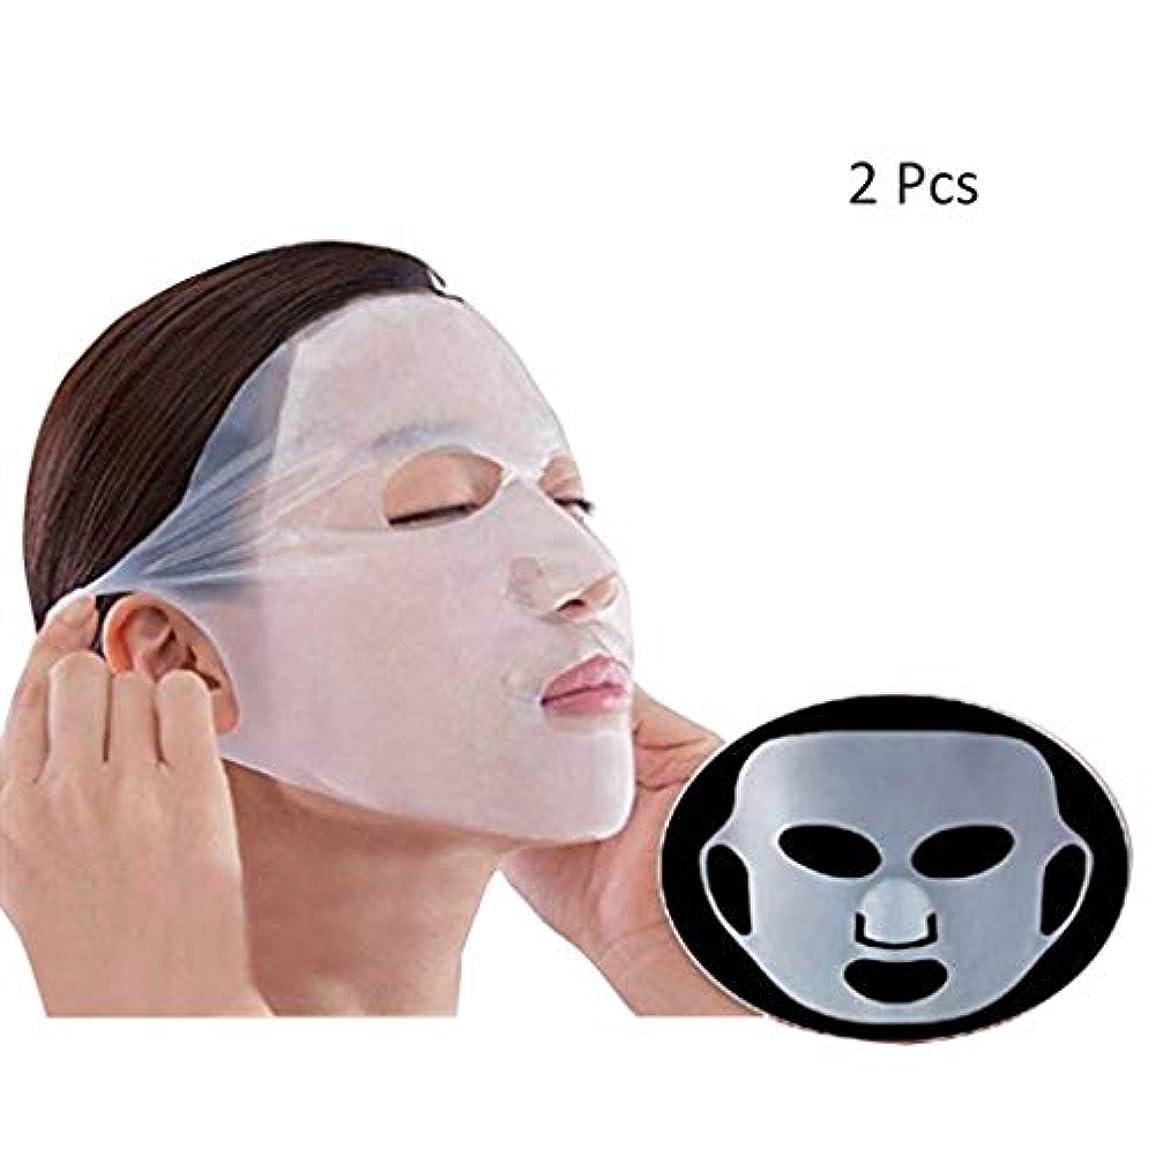 細断スケルトンペチュランスシリコンマスク 2点セット 潤マスク フェイスマスク フェイスパック 3D 美トレ モイストラップ 保湿